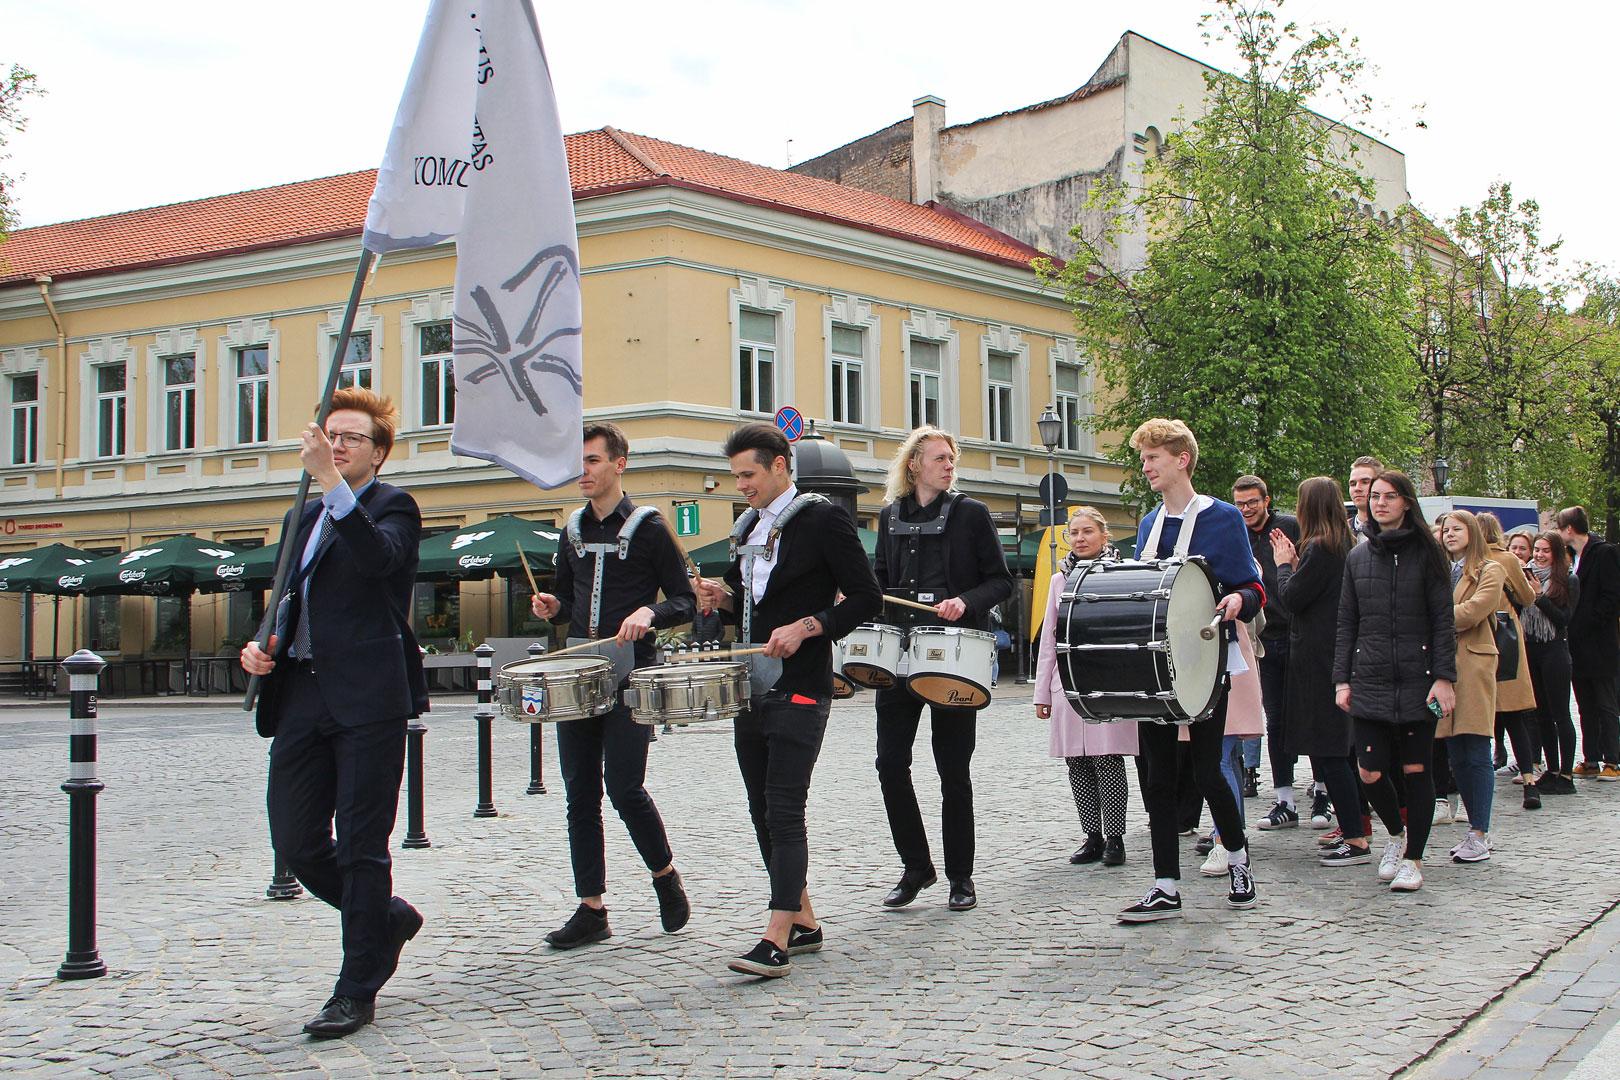 Triukšminga eisena Vilniaus senamiesčio gatvėmis prasidėjo 28-osios žurnalistų dienos. Karolinos Savickytės nuotr.